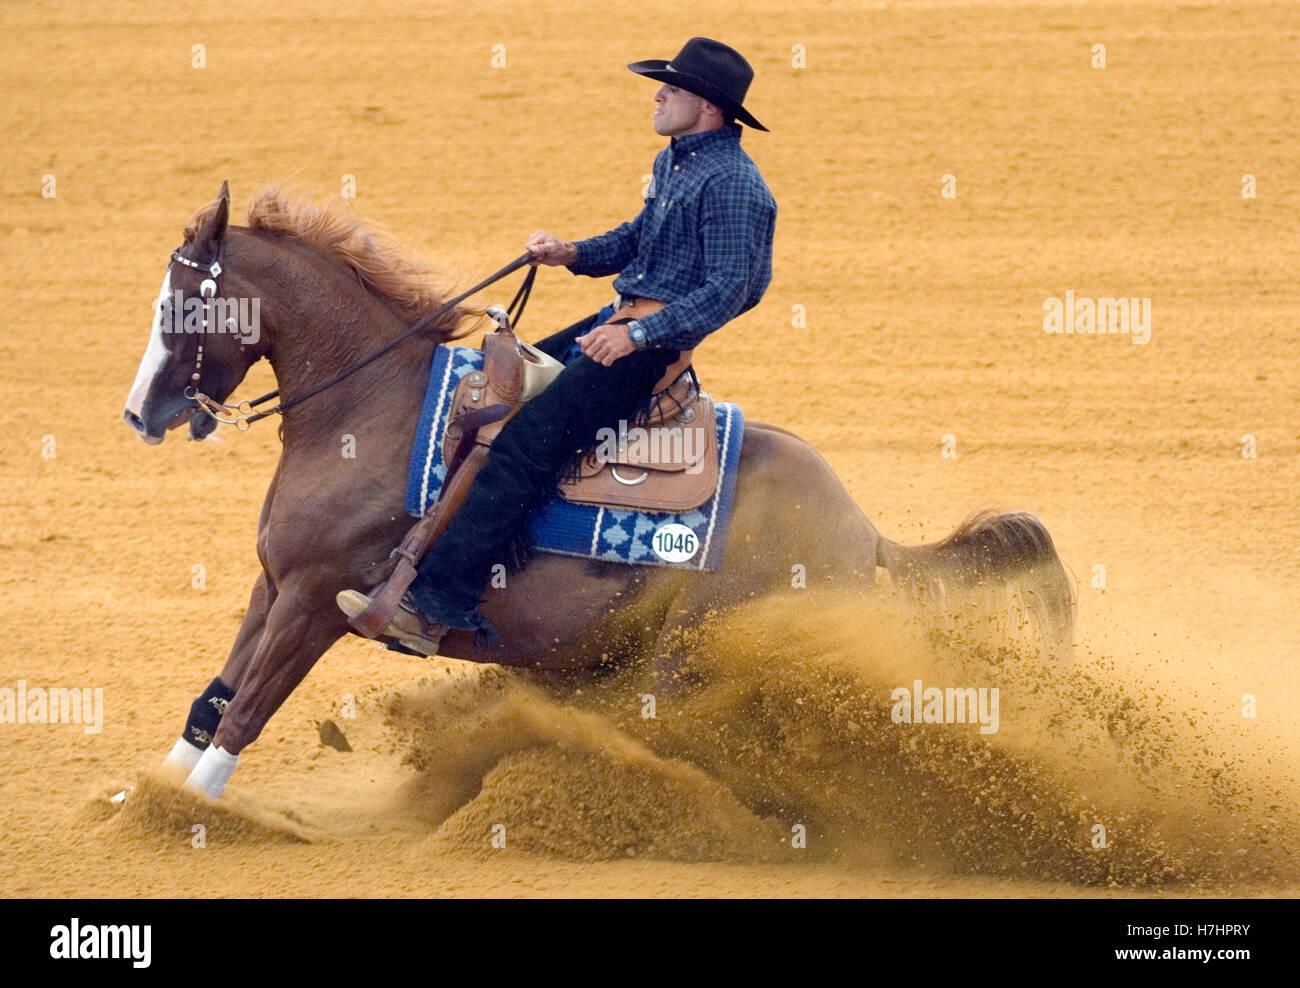 Reining, Shal Kaneti, Israel, en volantes de Remedy, Juegos Ecuestres Mundiales de 2006 en Aquisgrán, Renania del Norte-Westfalia Foto de stock